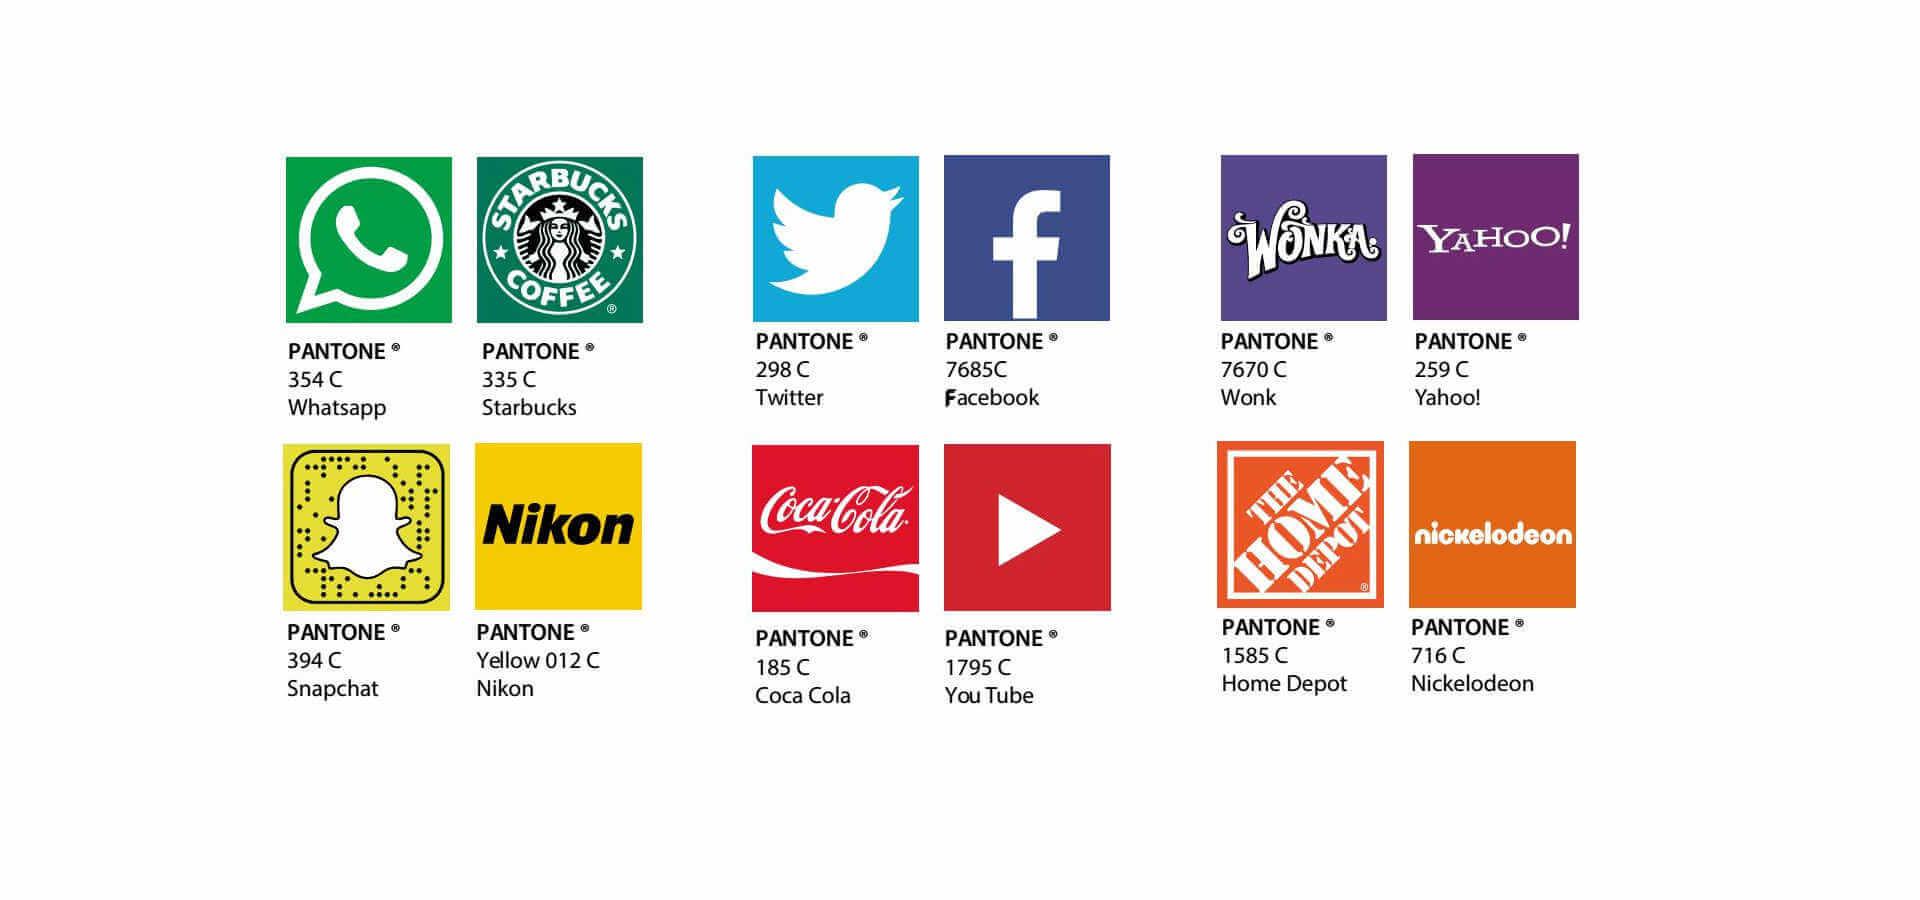 Colores pantone de logos famosos